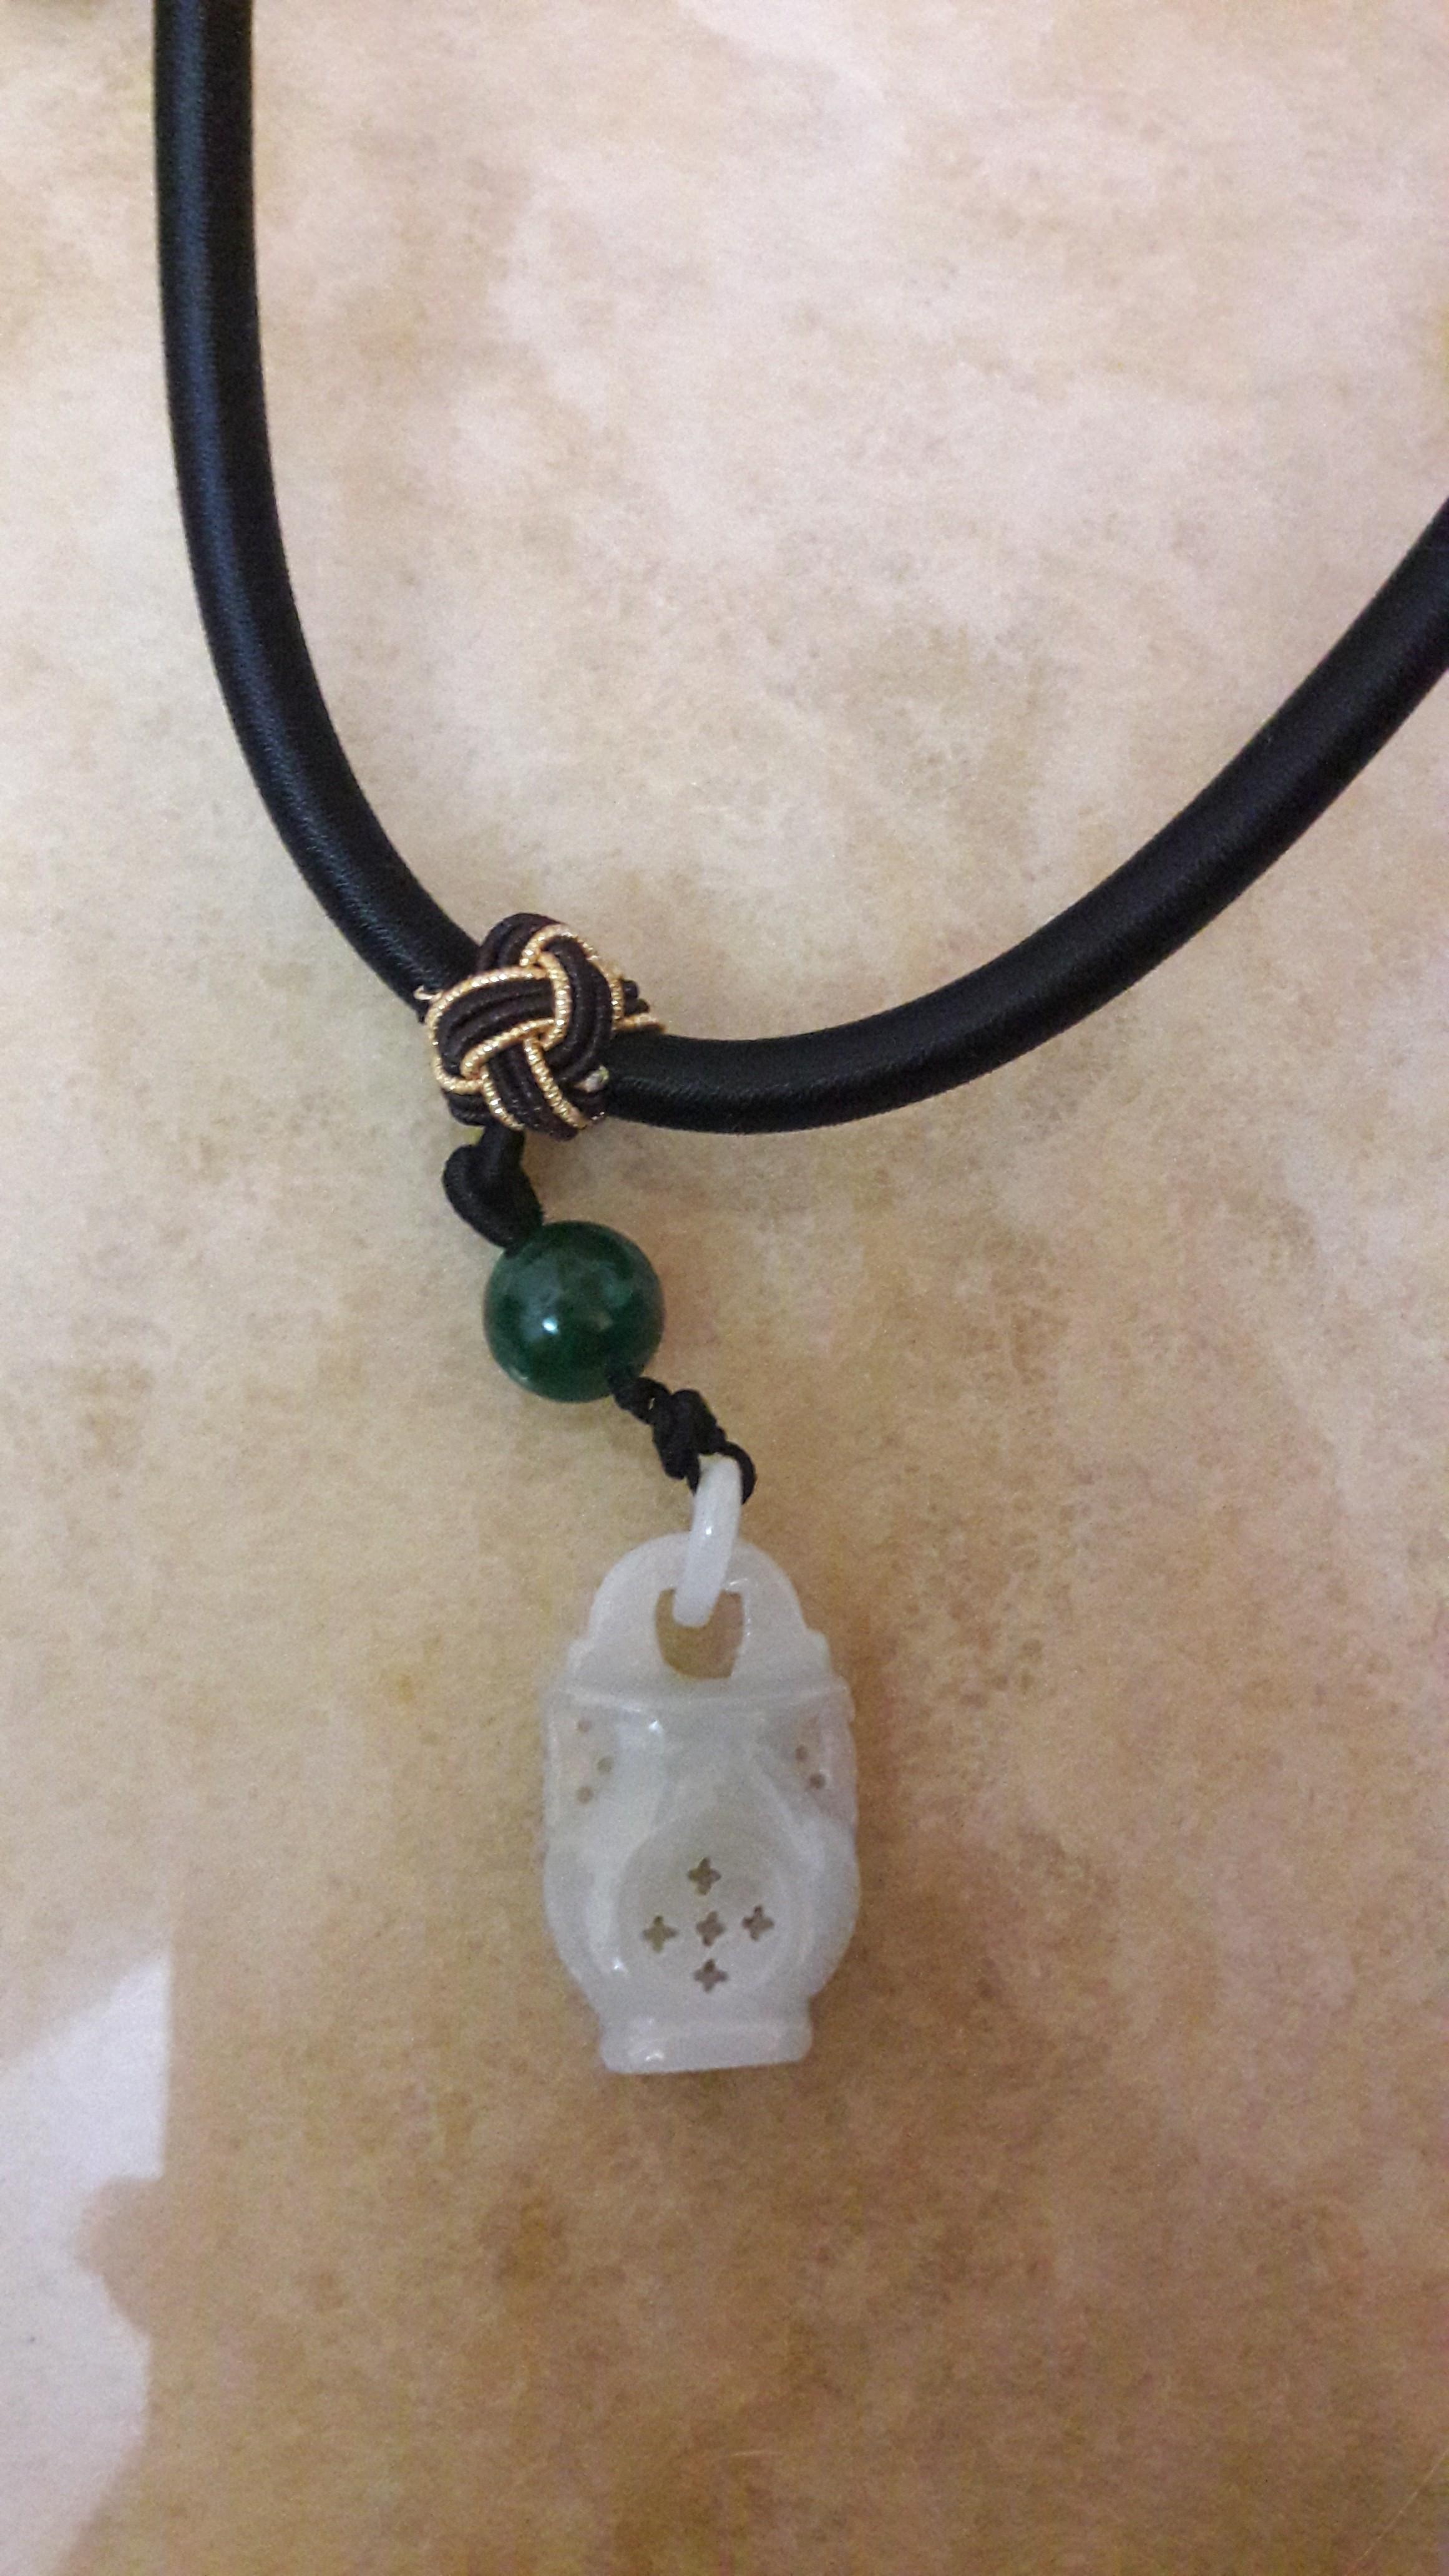 掬水 玉瓶中式繩結項鍊